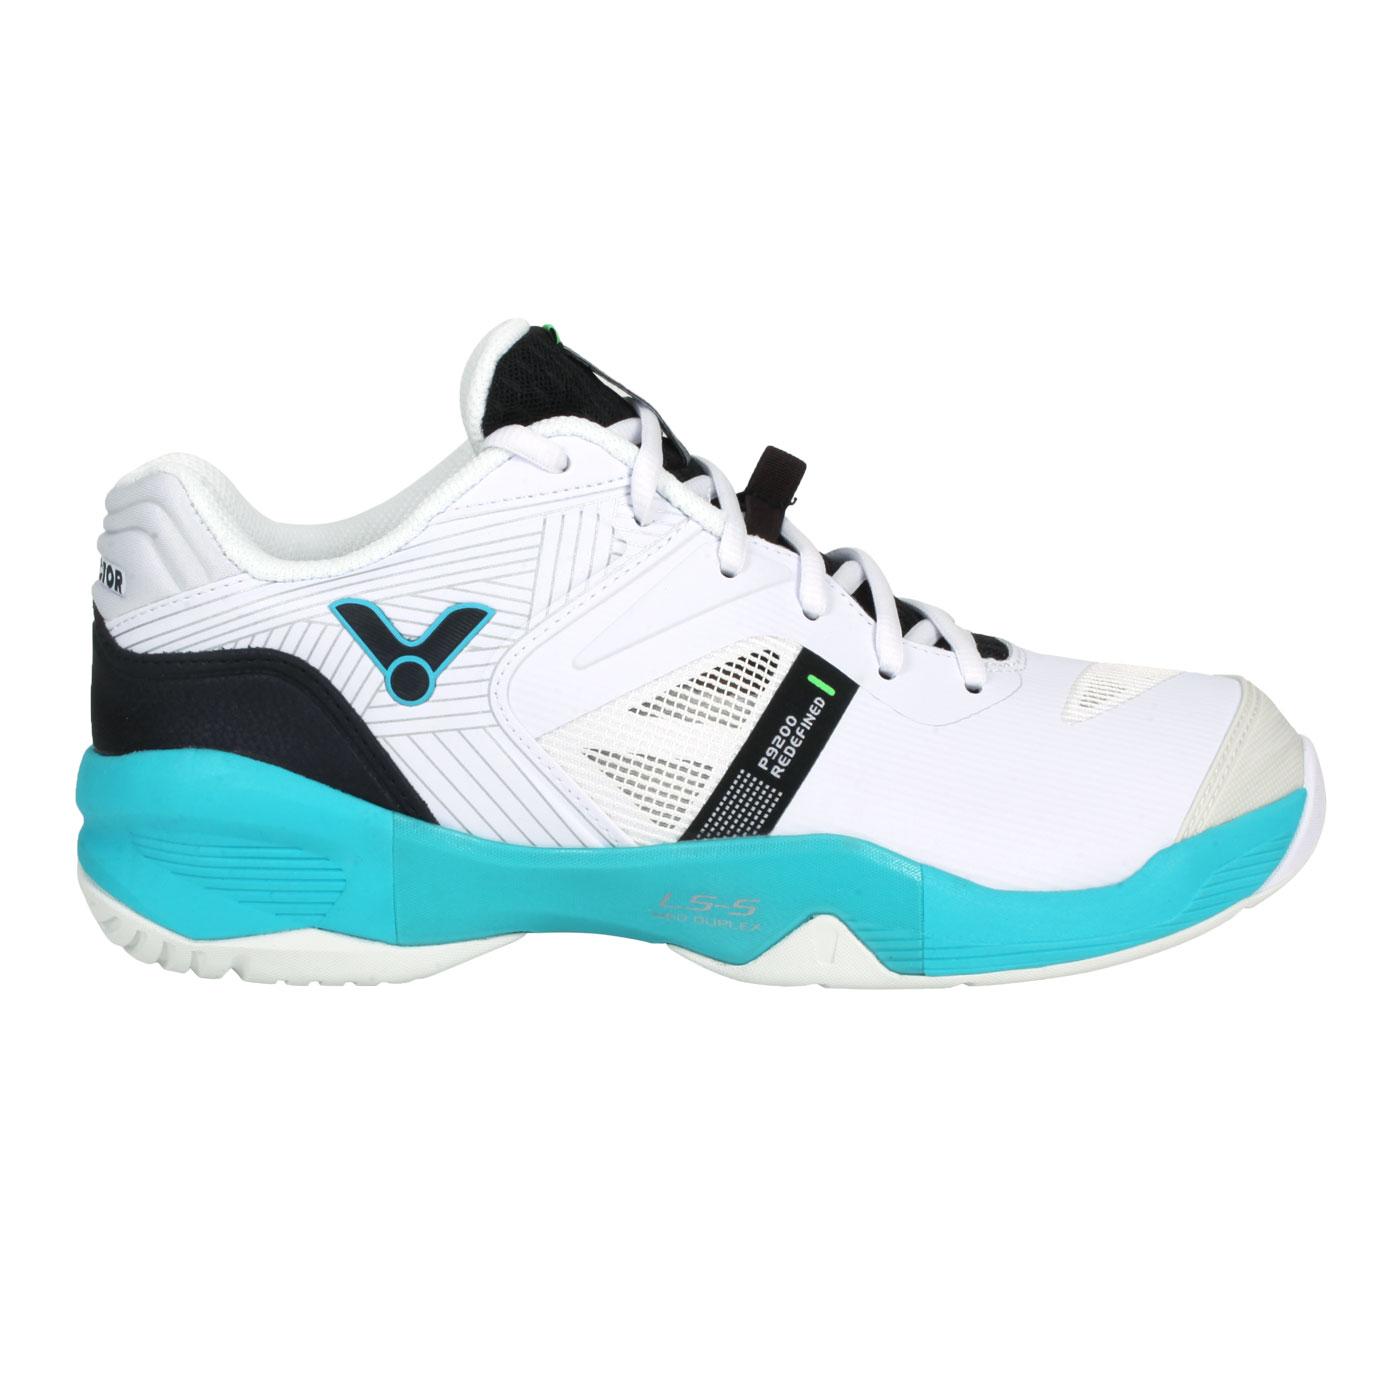 VICTOR 男款羽球鞋 P9200II-AU